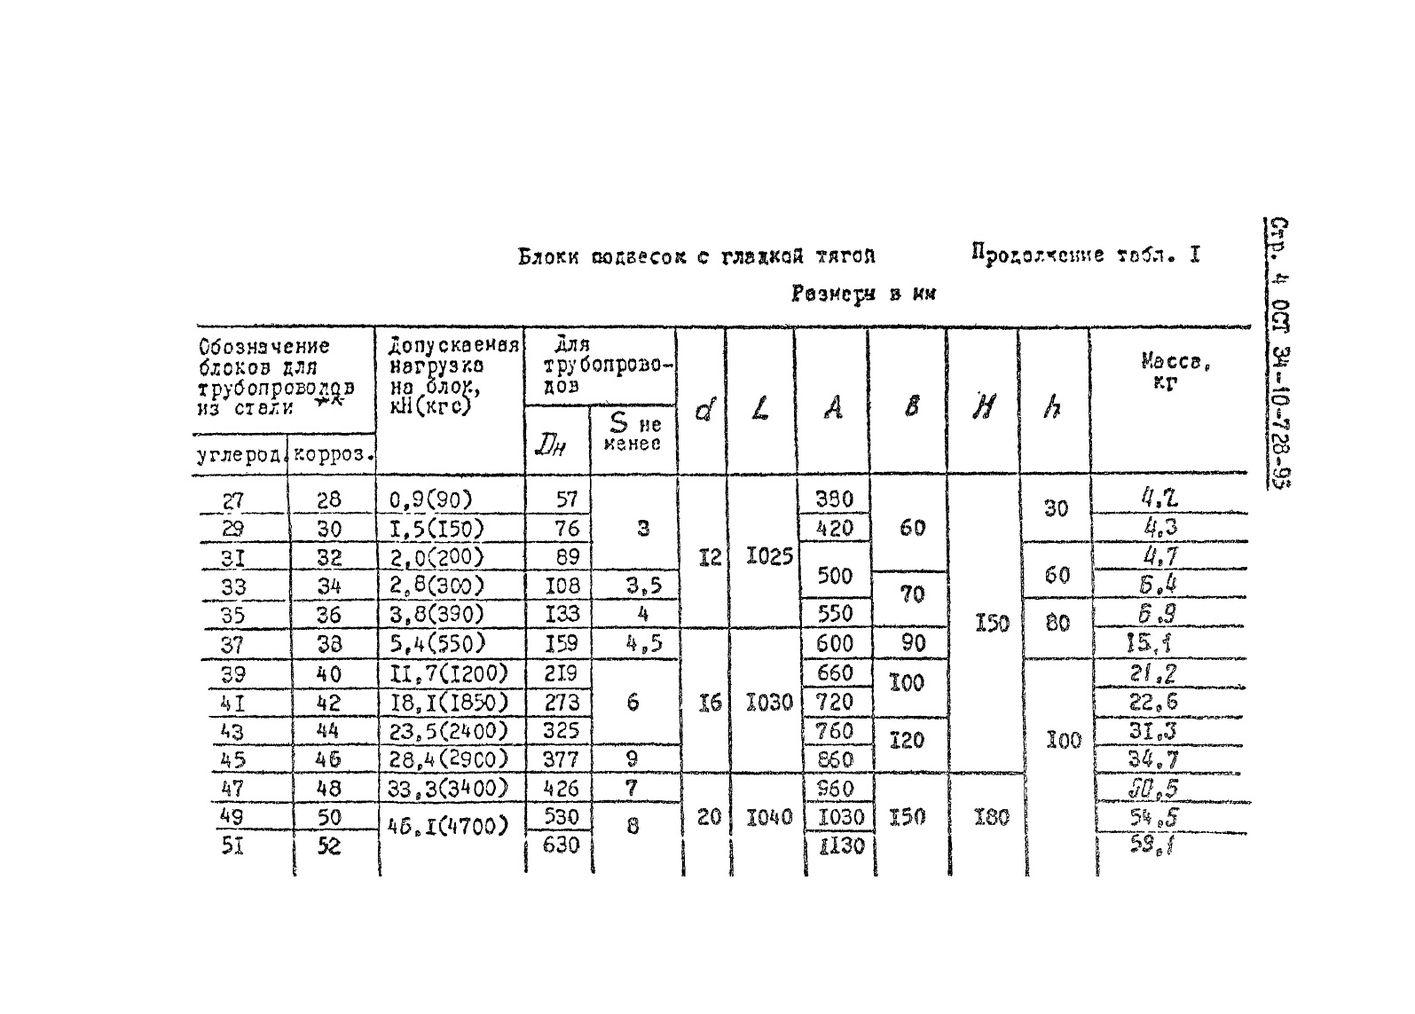 Блоки подвесок хомутовые для вертикальных трубопроводов ОСТ 34-10-728-93 стр.4